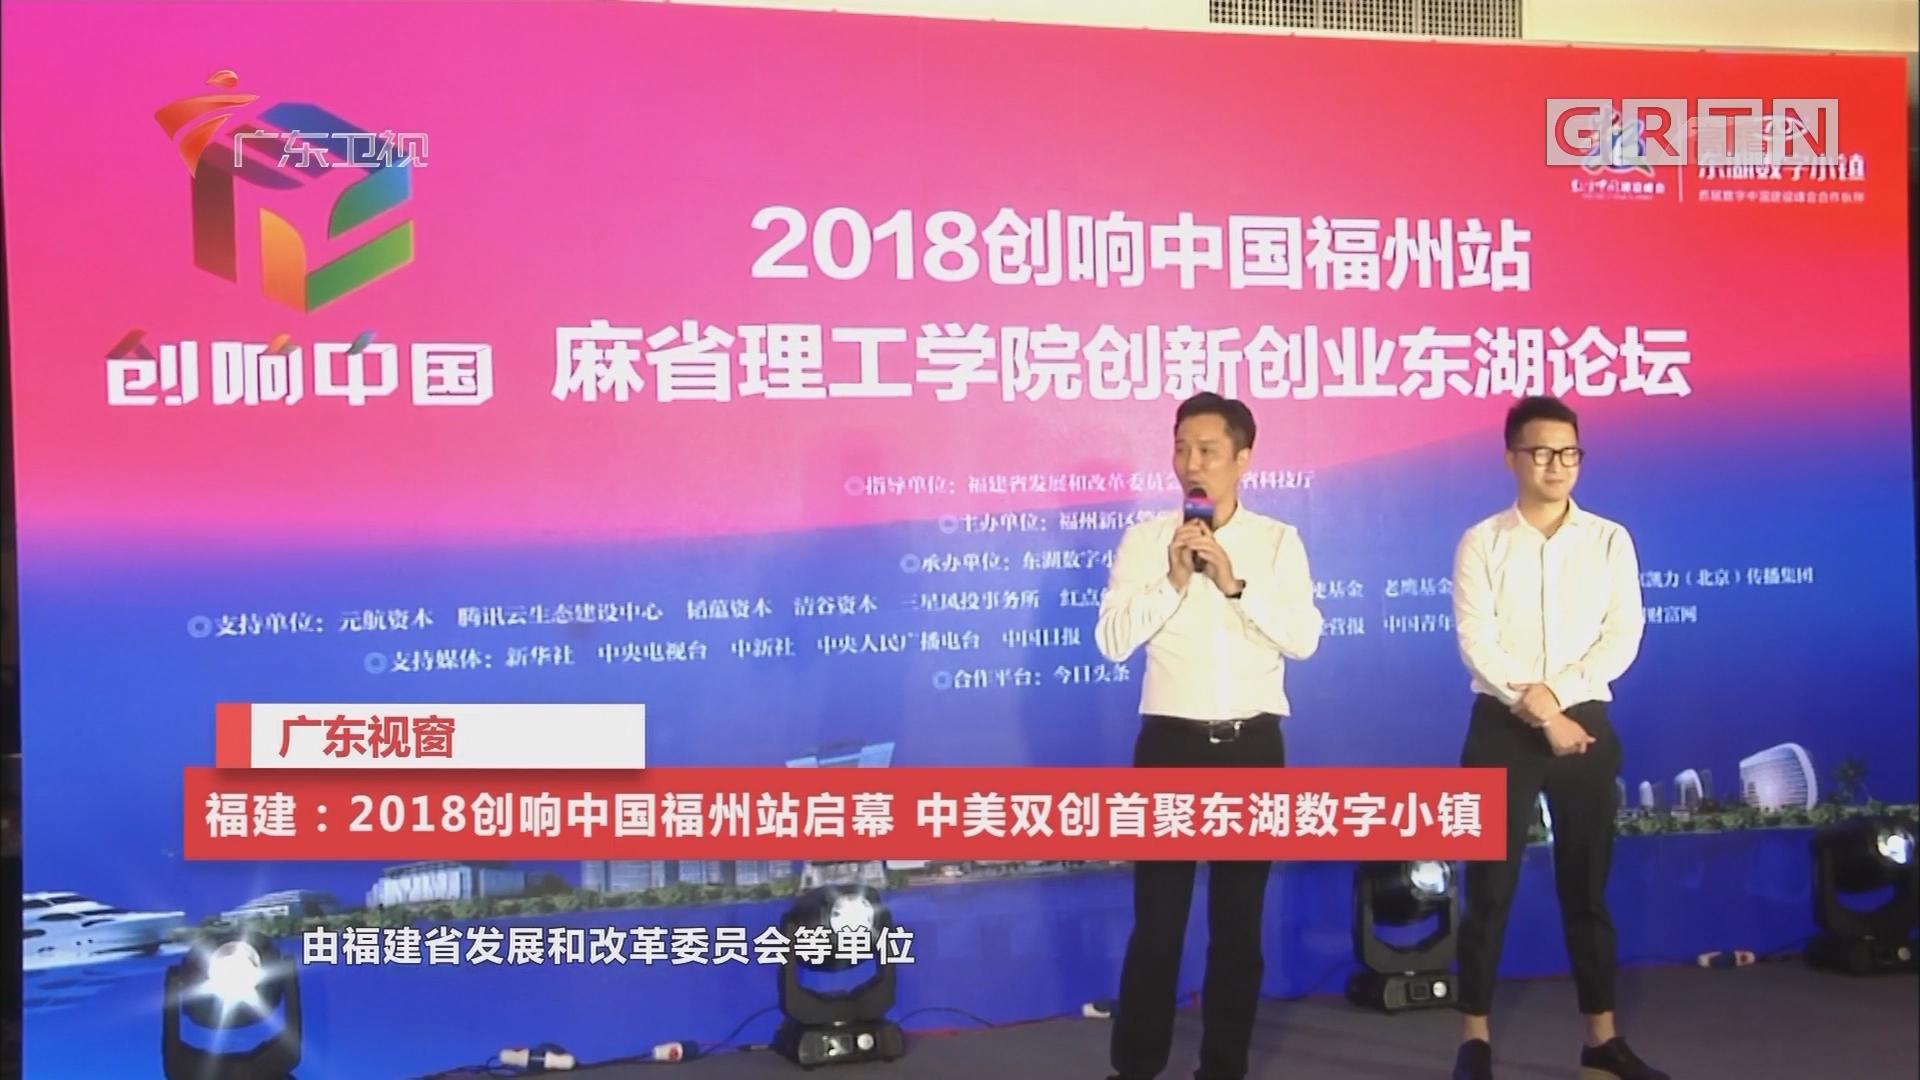 福建:2018创响中国福州站启幕 中美双创首聚东湖数字小镇